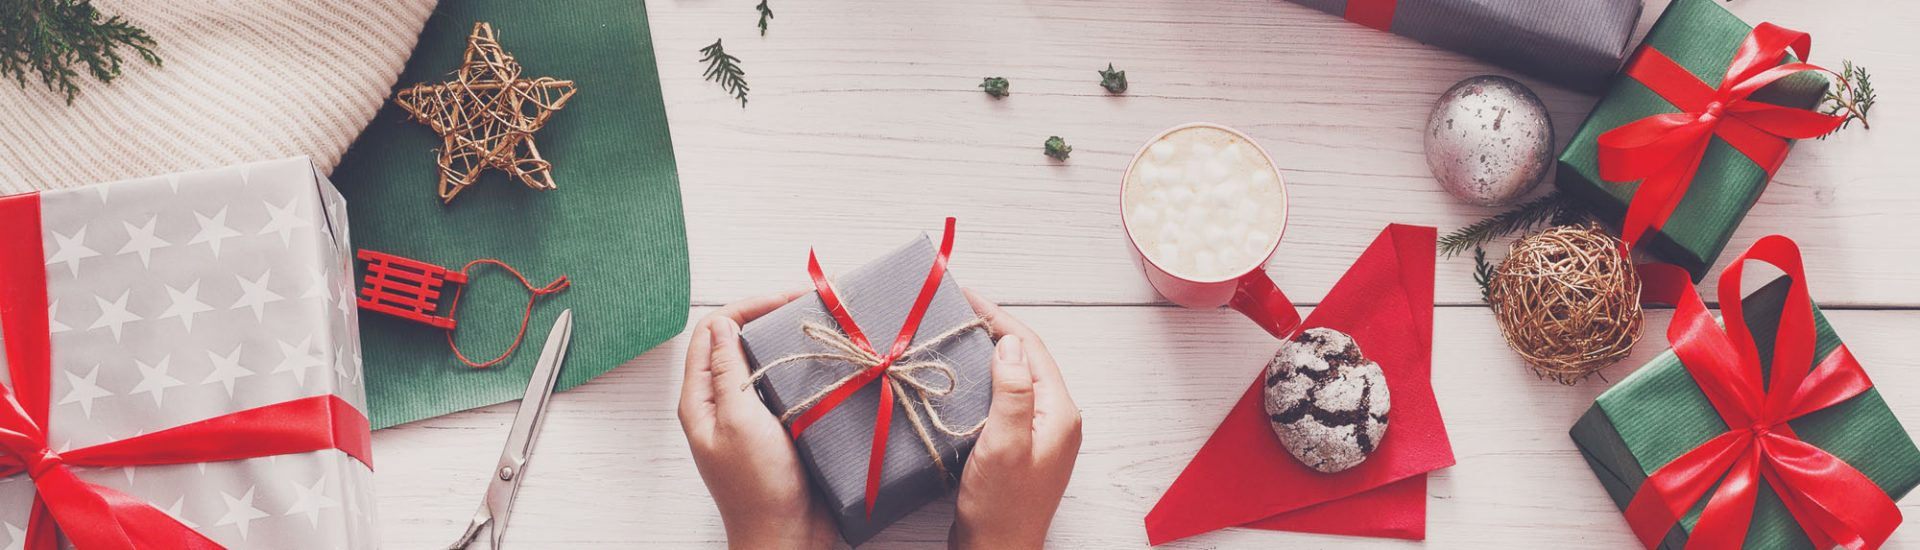 Kreative Weihnachtsgeschenke bringen auch Erwachsenen die Vorfreude auf Weihnachten zurück